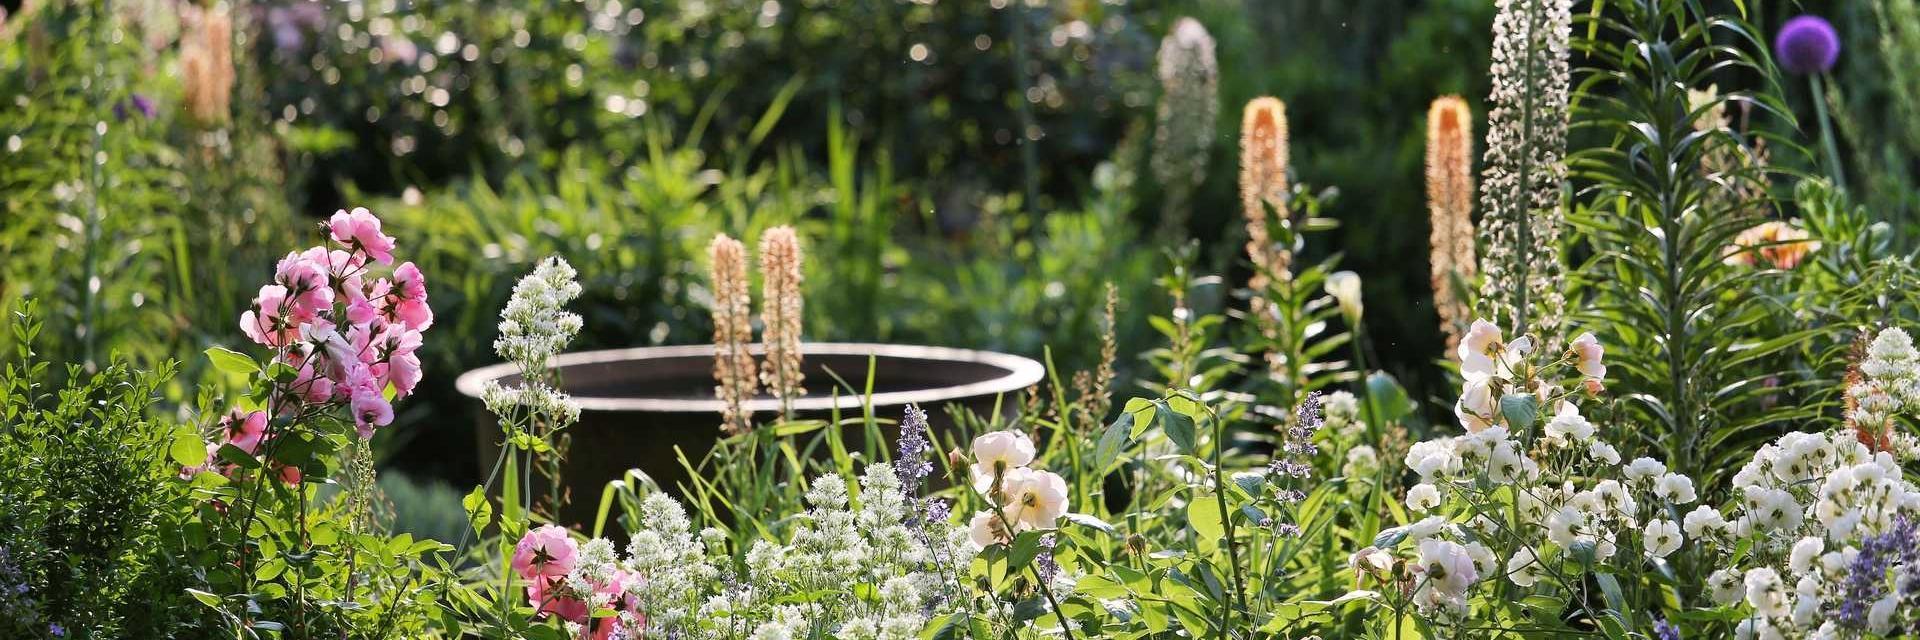 Jardin Fleuriste d'Eyrignac ©Jérome Morel_bandeau